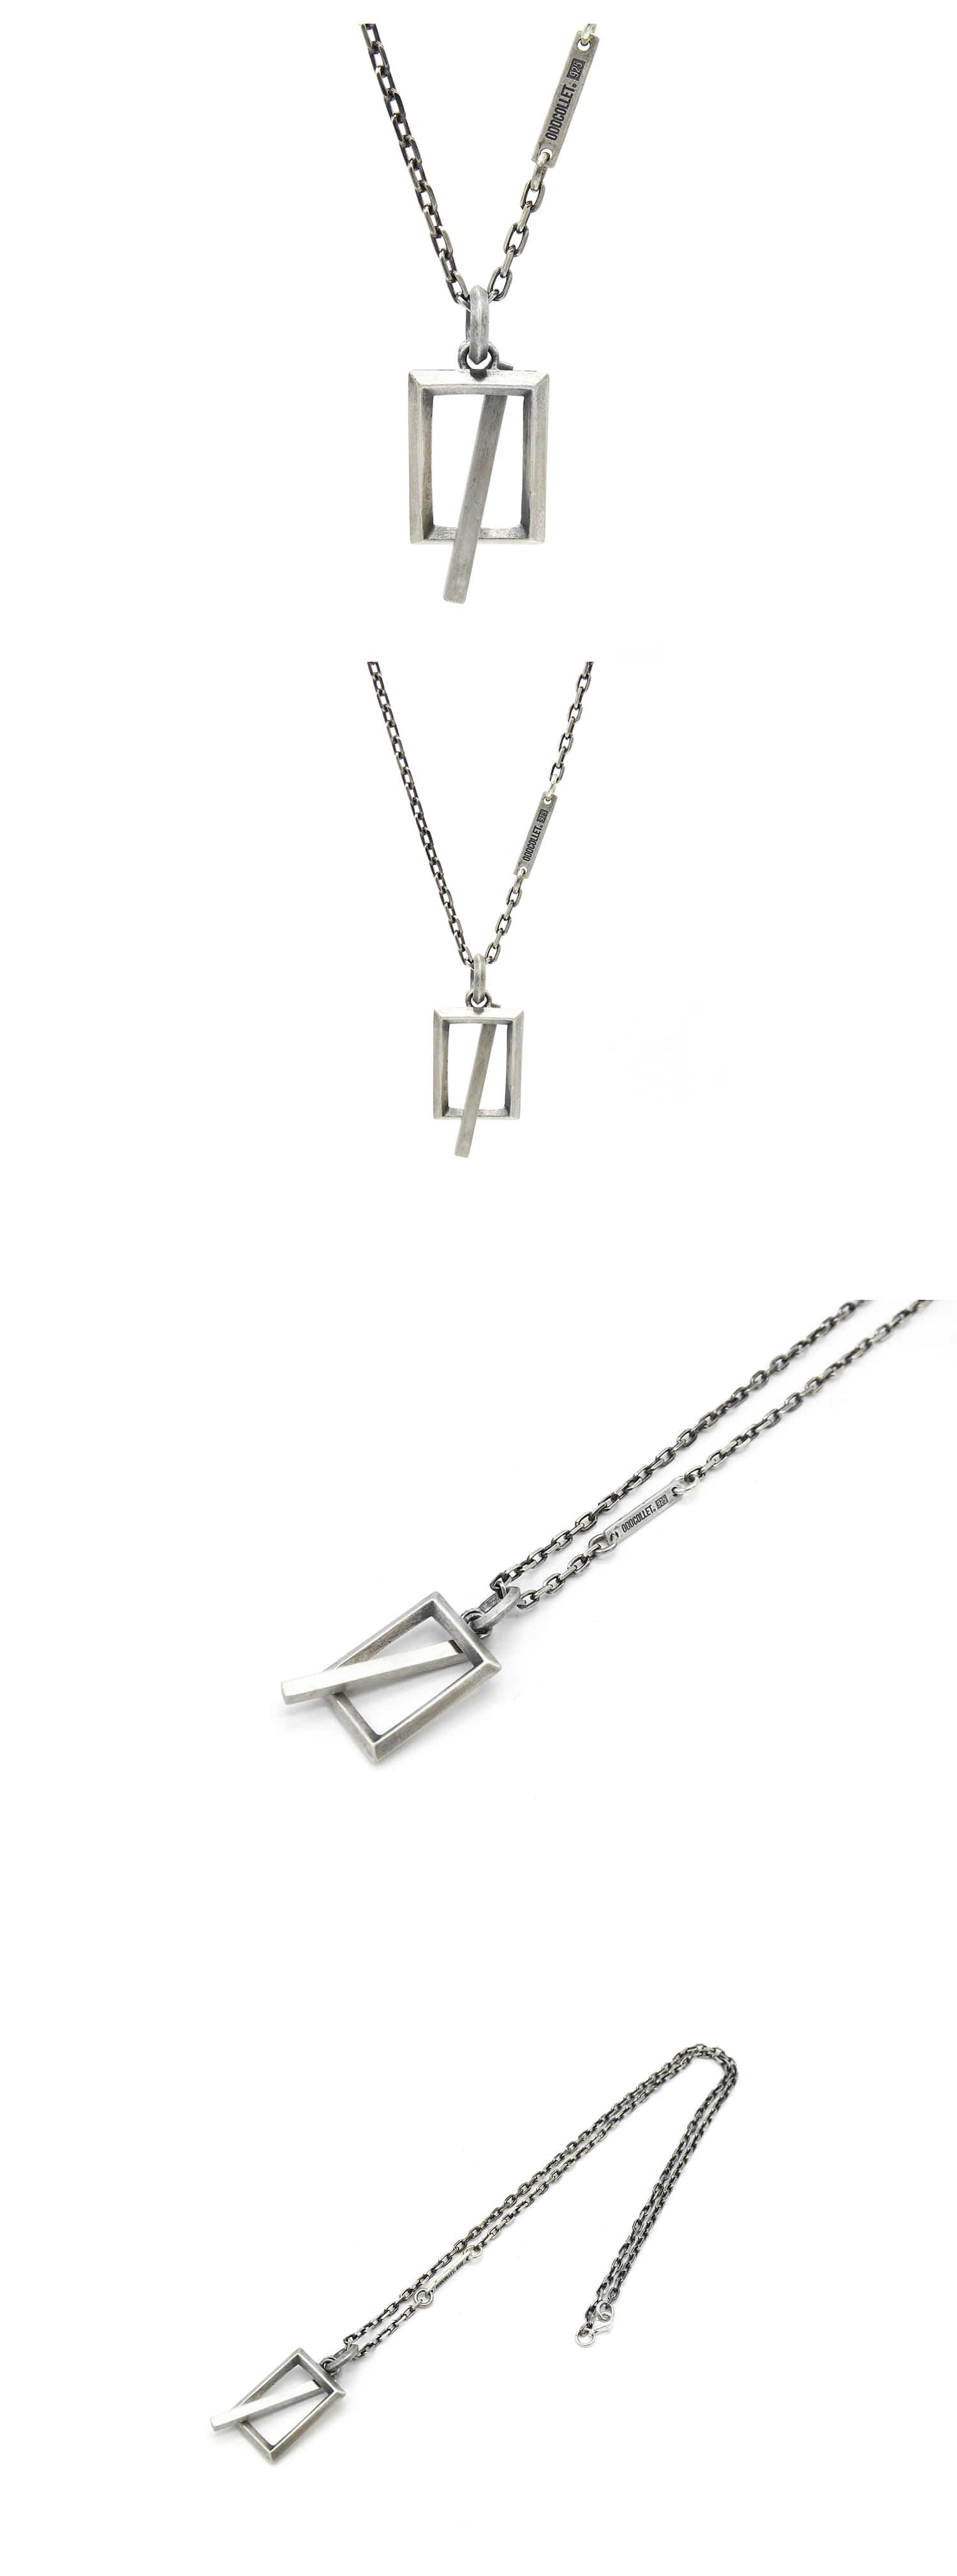 오드콜렛(ODDCOLLET) frame necklace